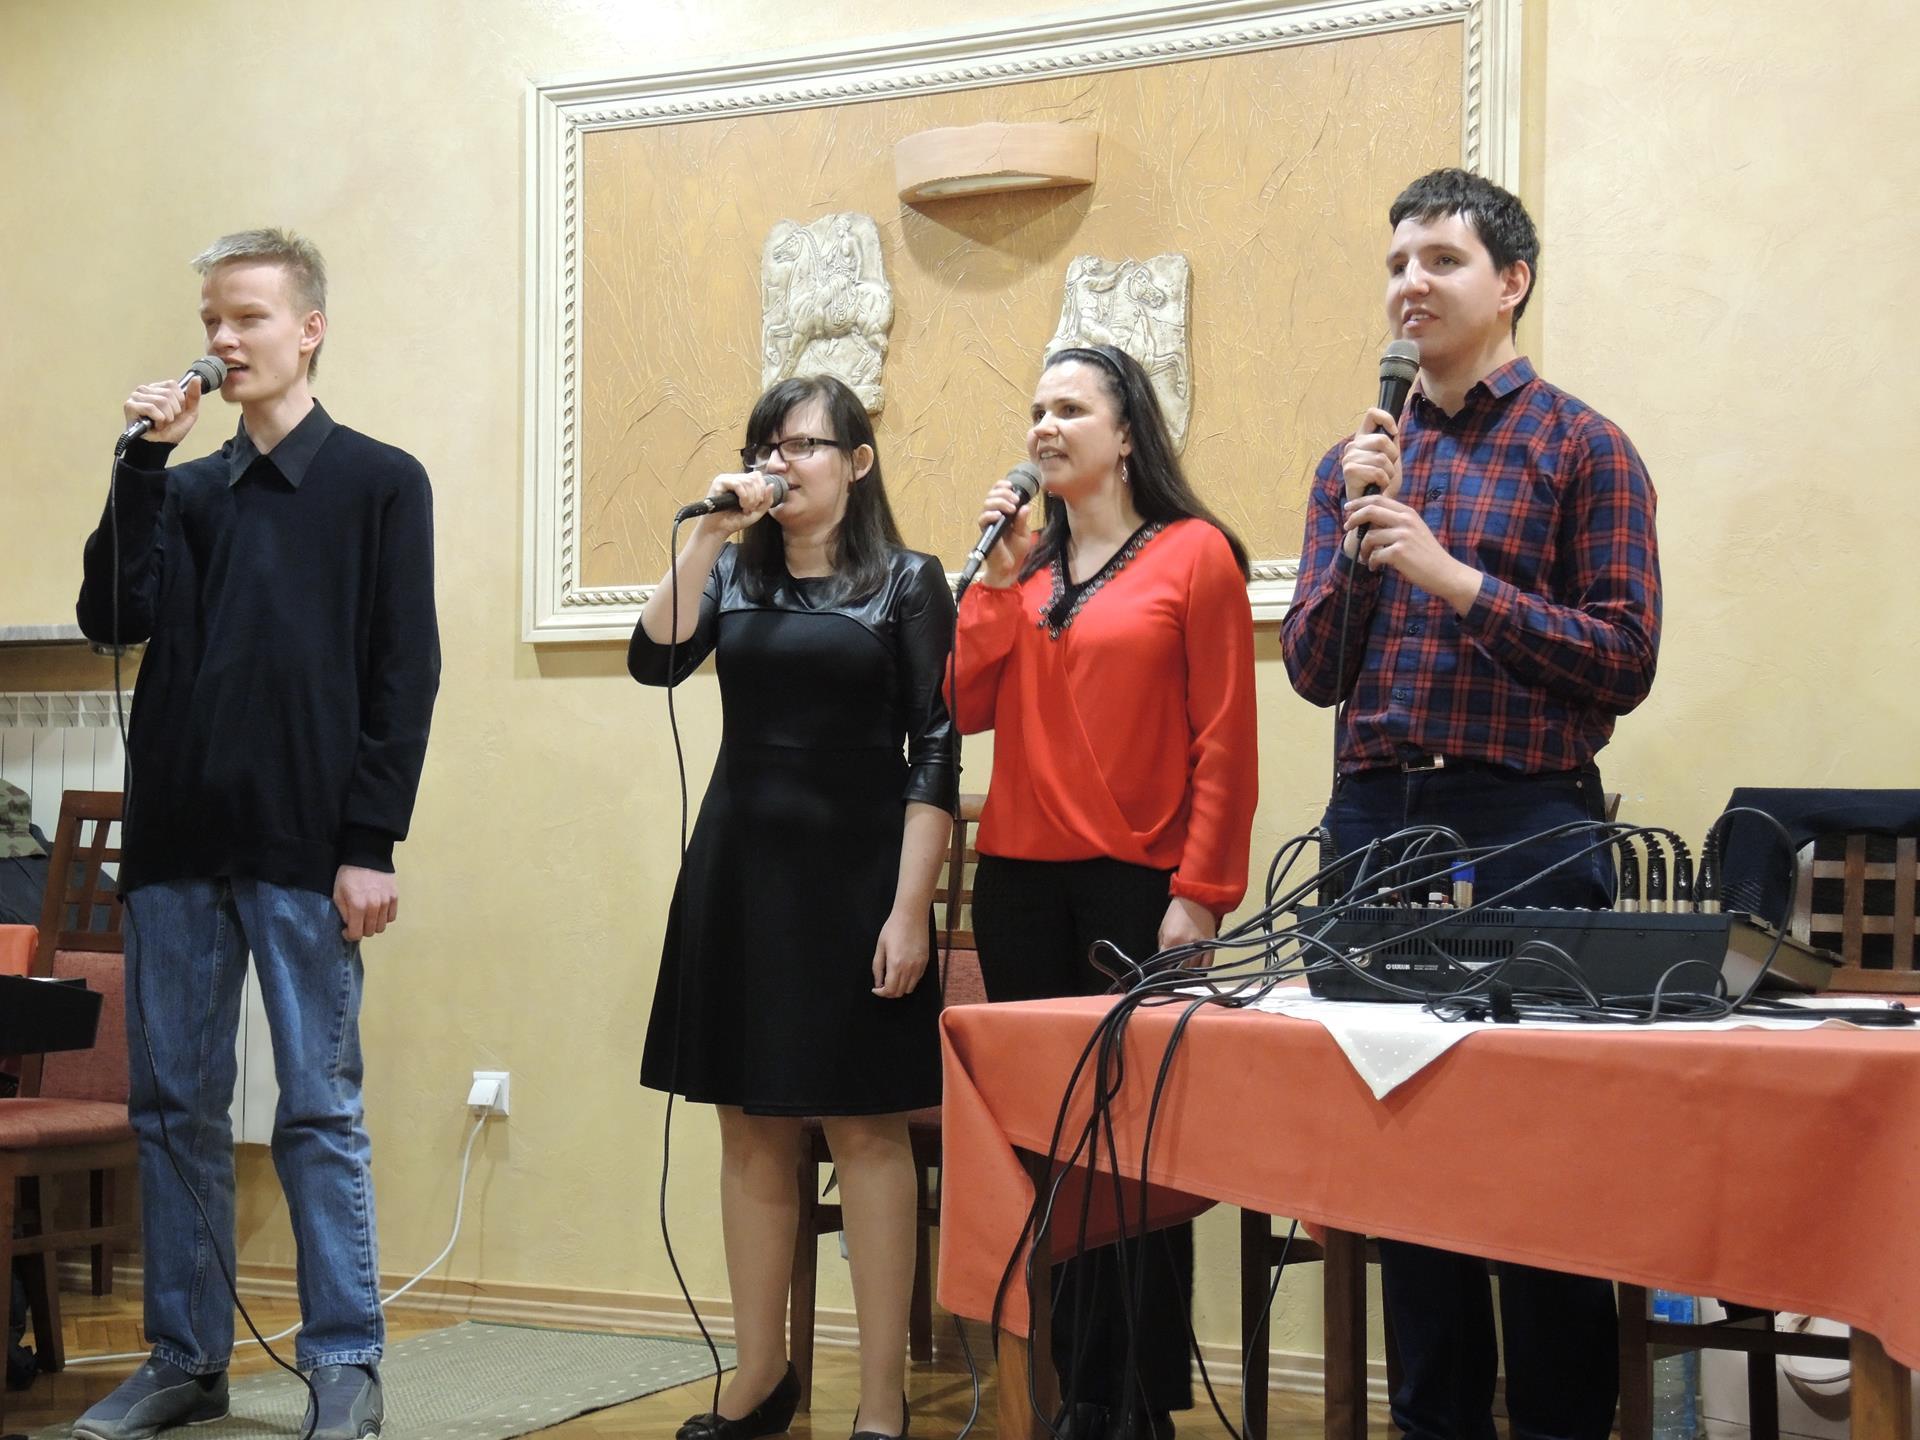 Dwie kobiety i dwóch mężczyzn śpiewa, w dłoniach trzymają mikrofony. Po prawej stronie stoi stół z mikserem.